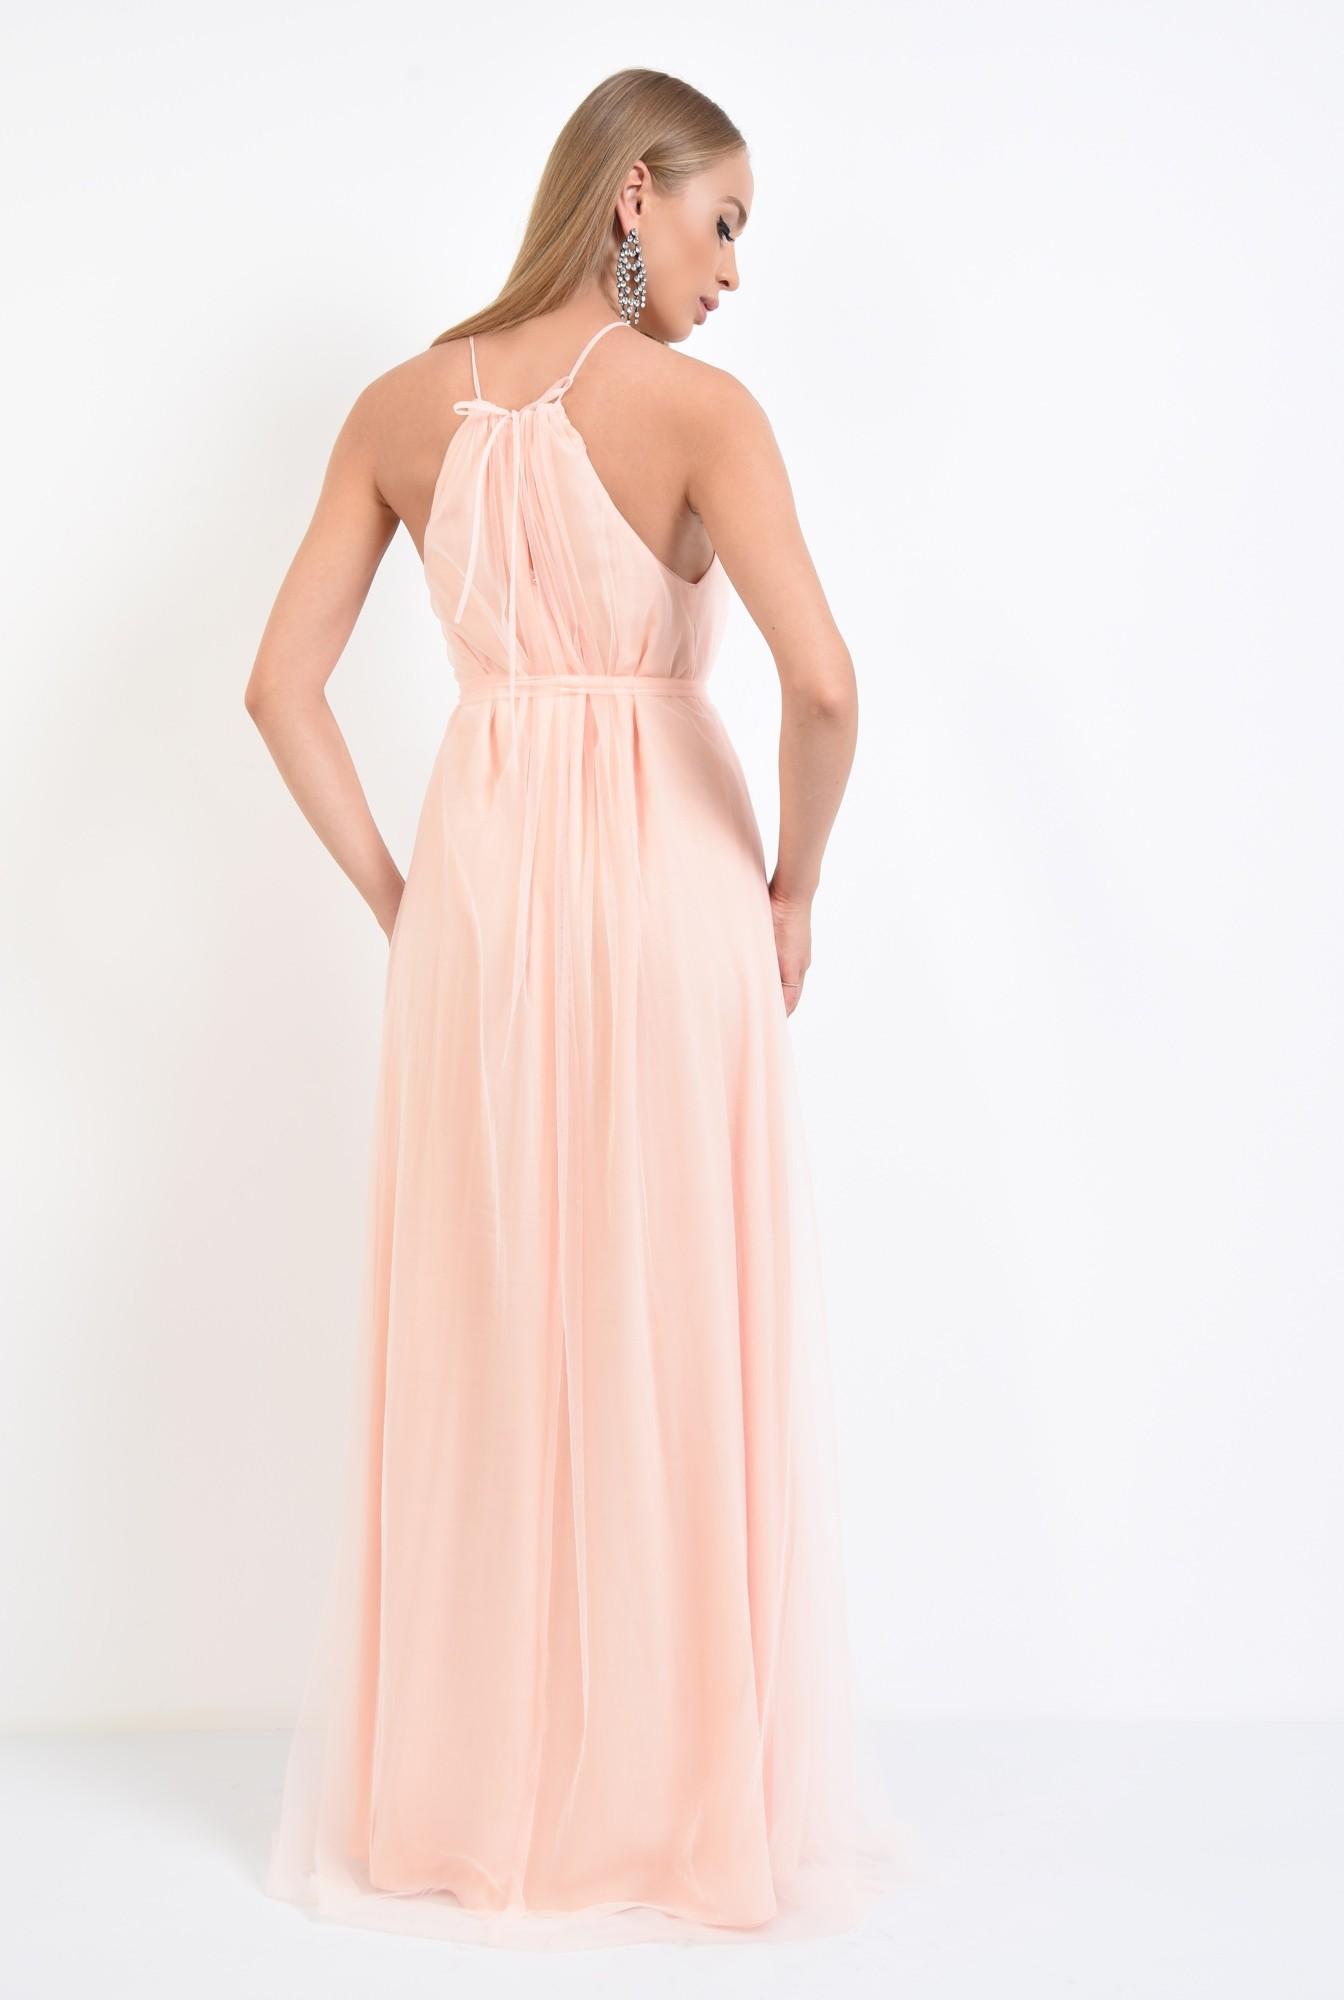 1 - rochie de ocazie, lunga, din tul, roz piersica, croi larg